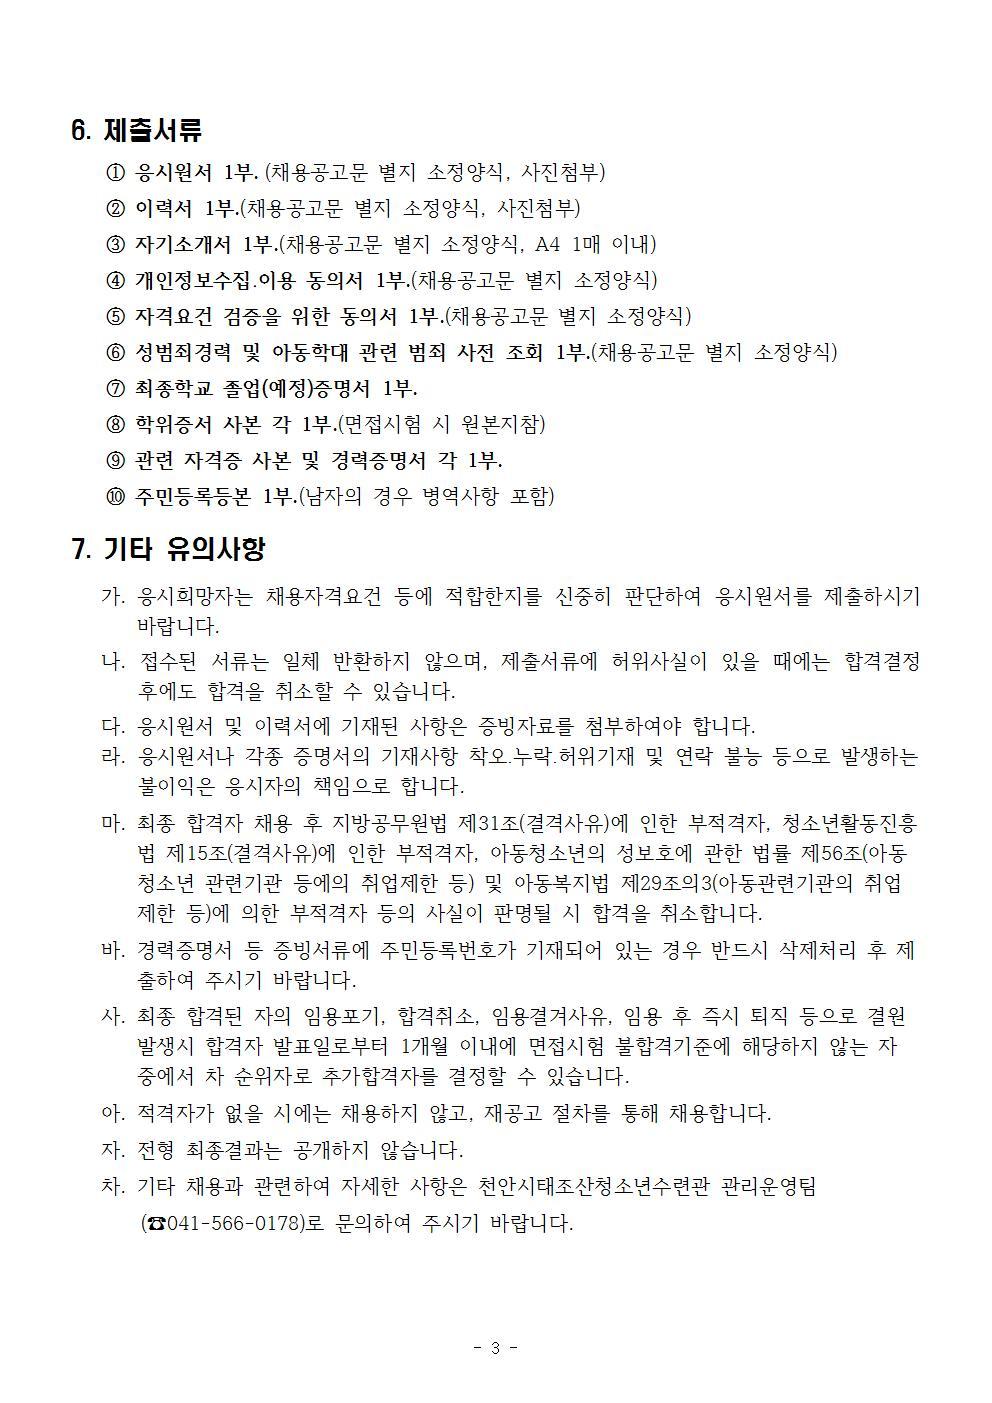 채용공고 - 배포용003.jpg